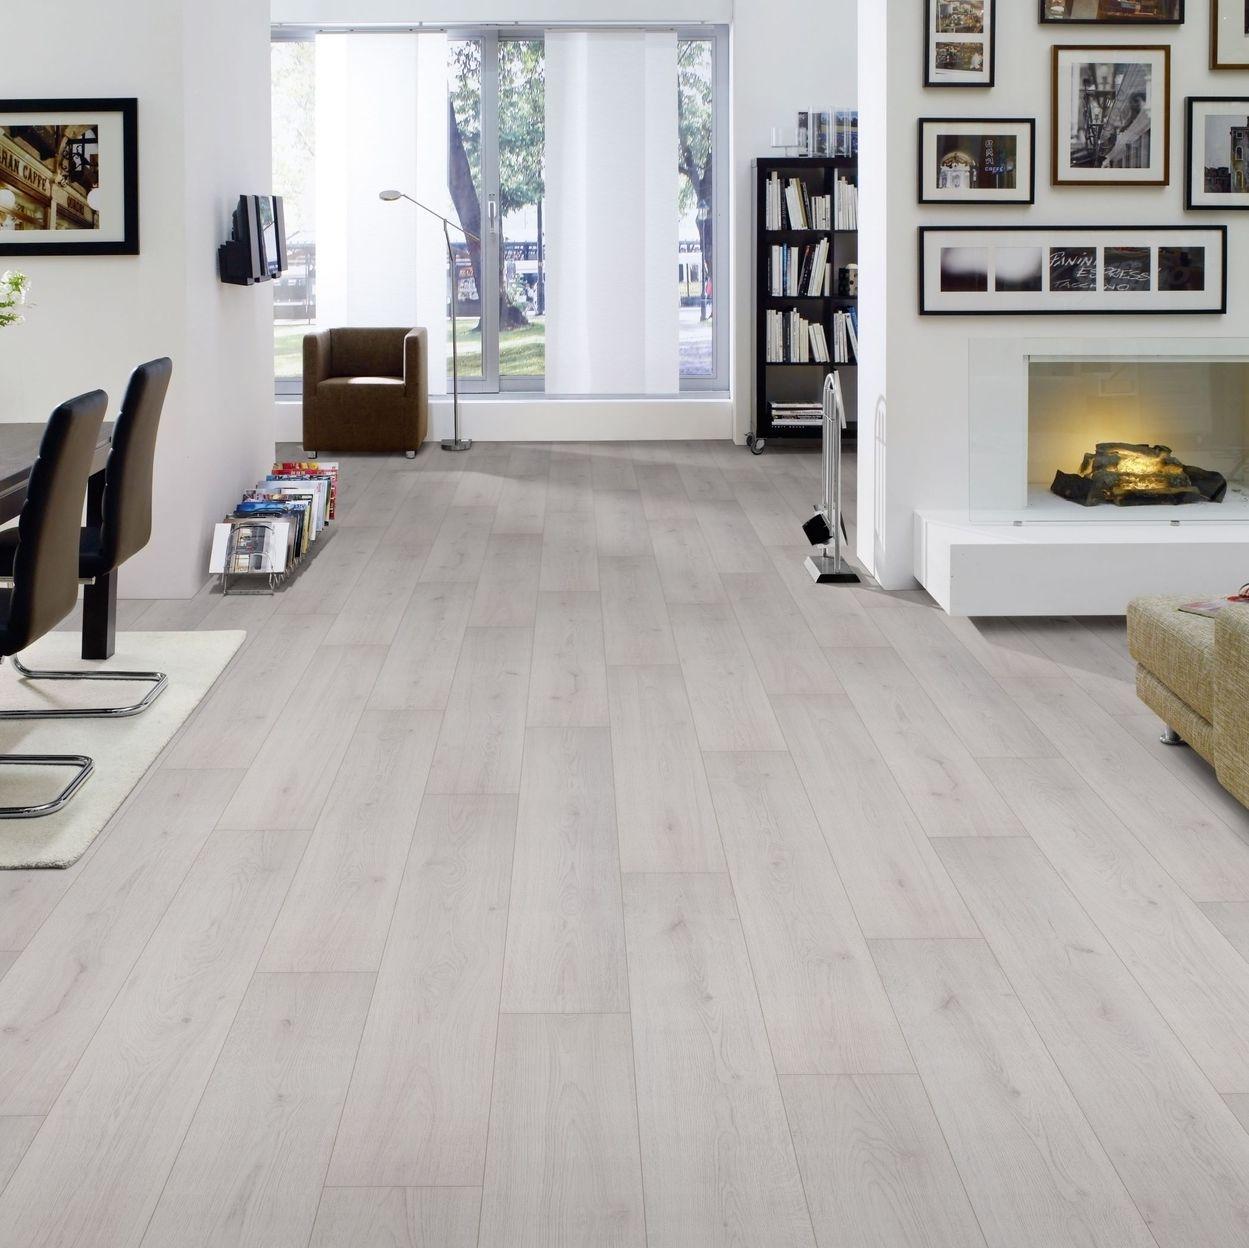 hori klick laminat ambiente eiche family mit fase landhausdiele d mmung leisten ebay. Black Bedroom Furniture Sets. Home Design Ideas